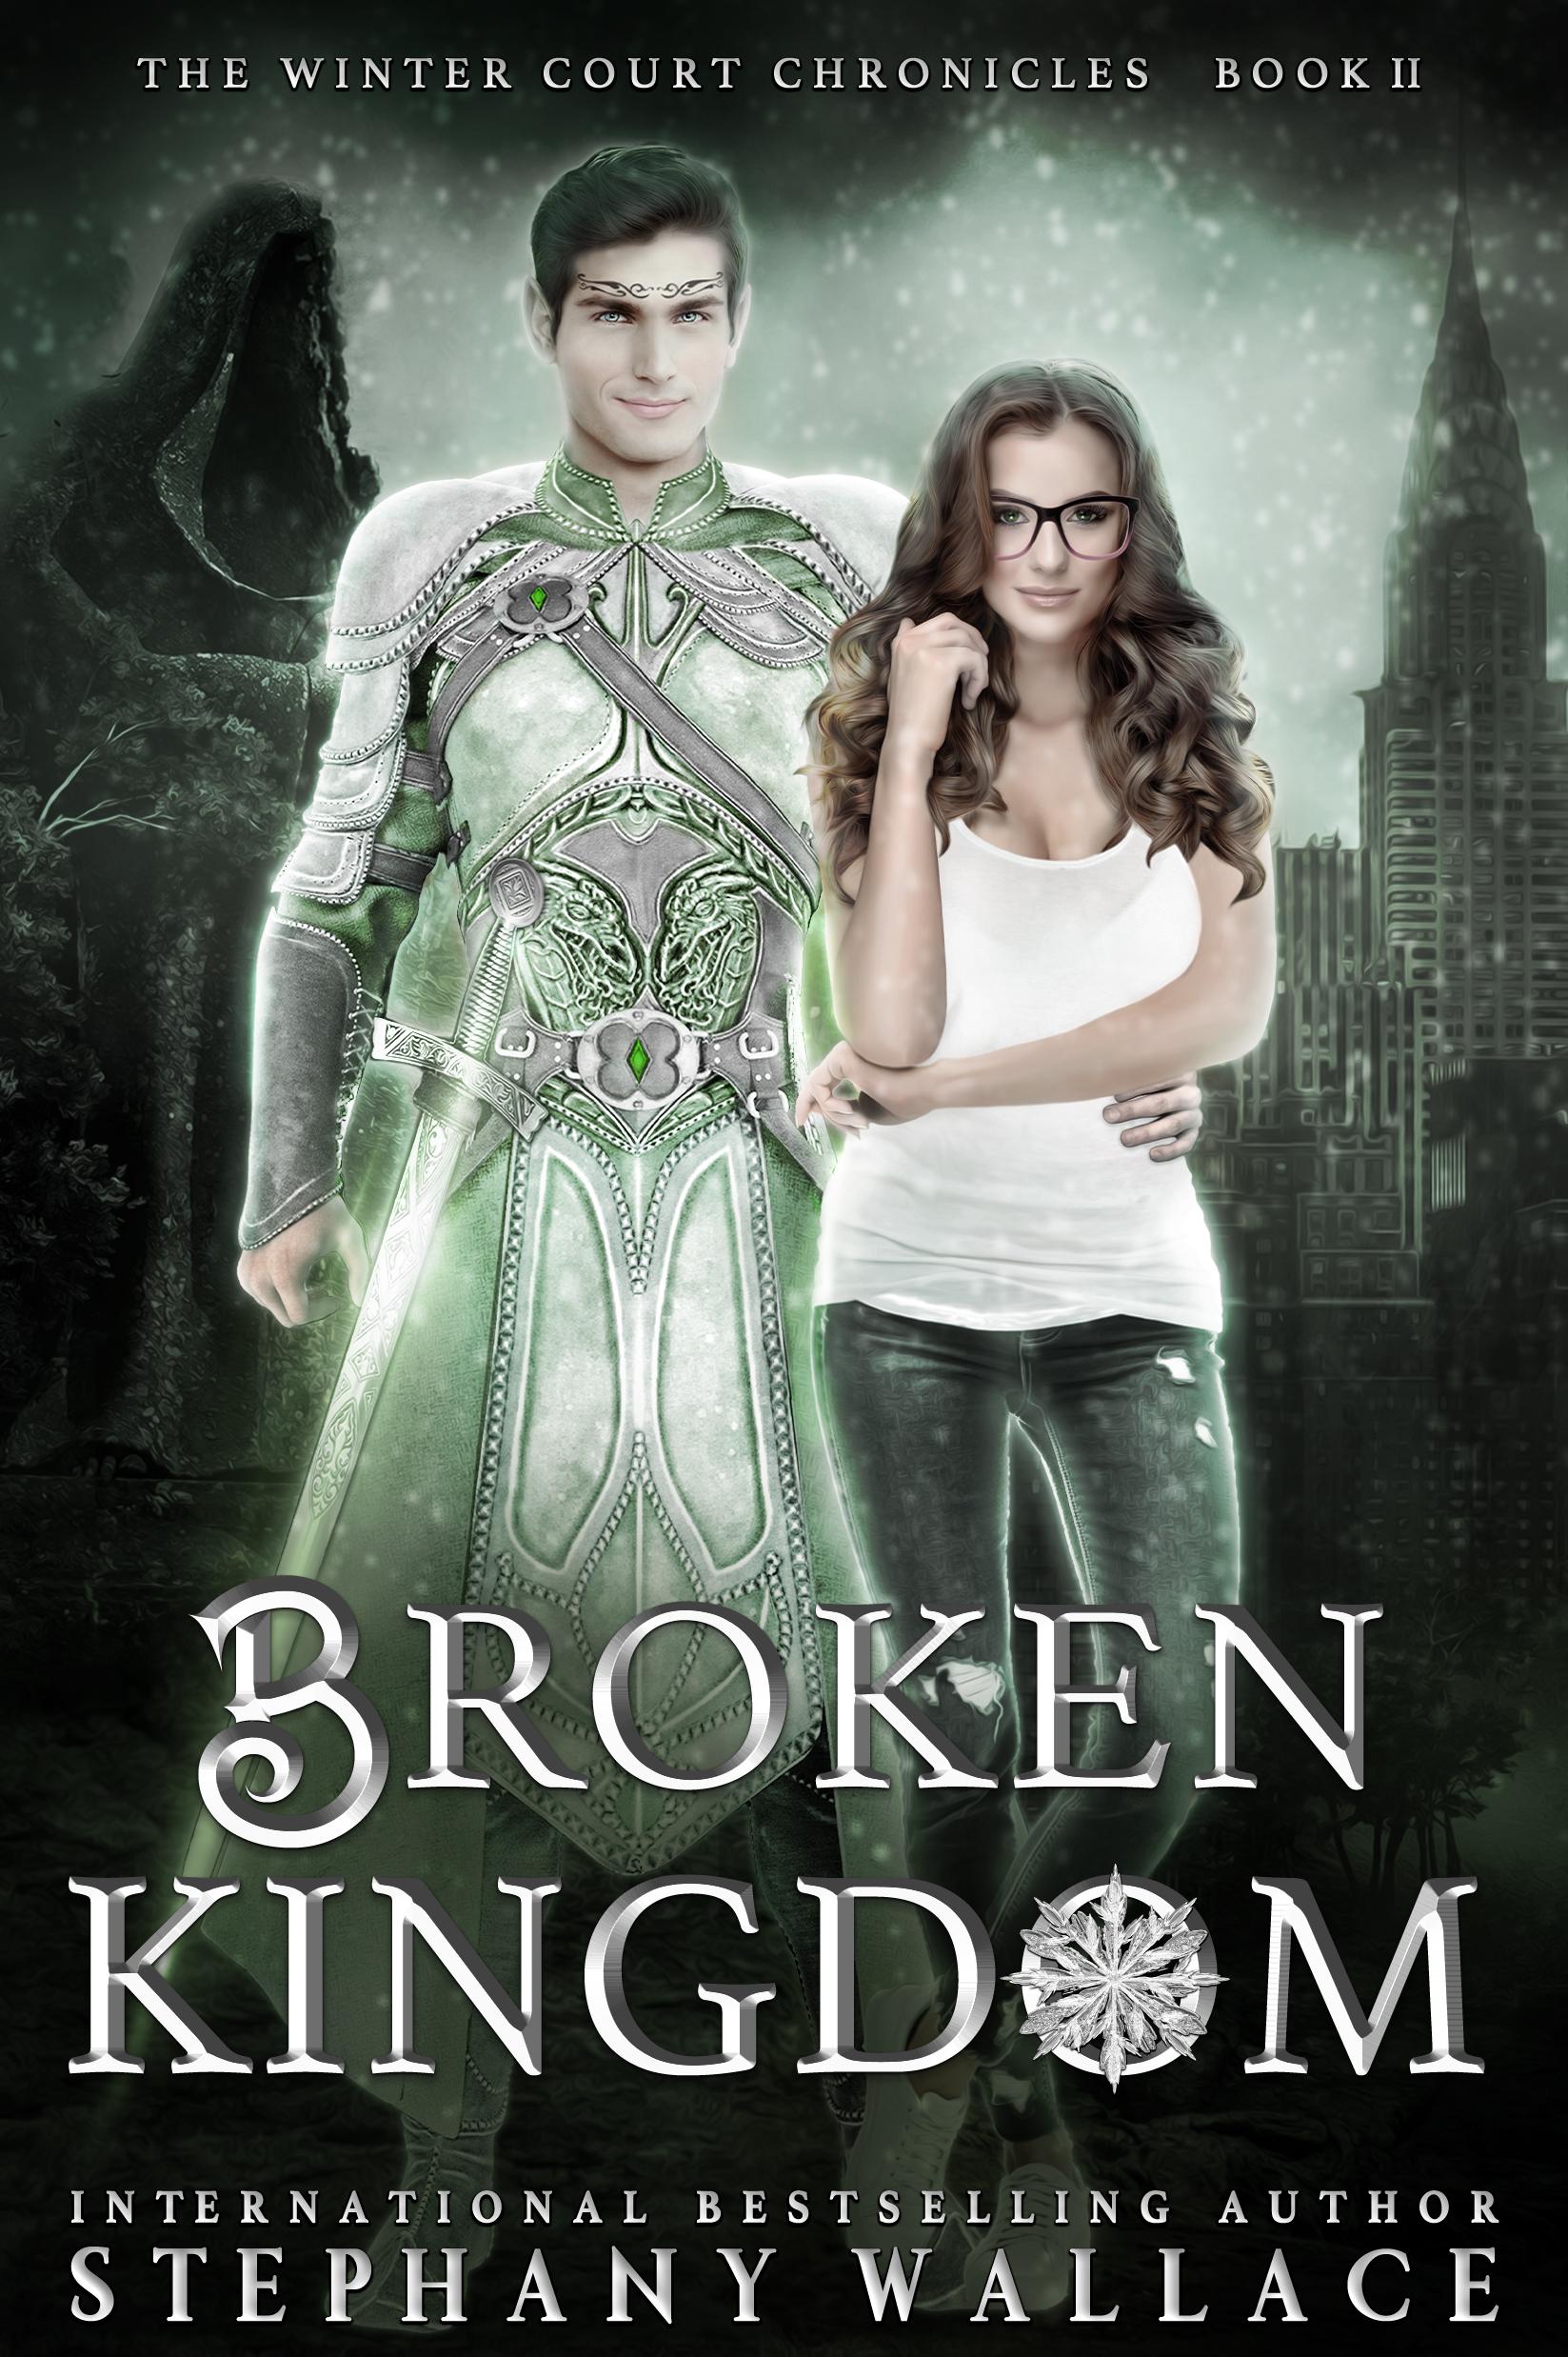 2. BK COVER EBOOK